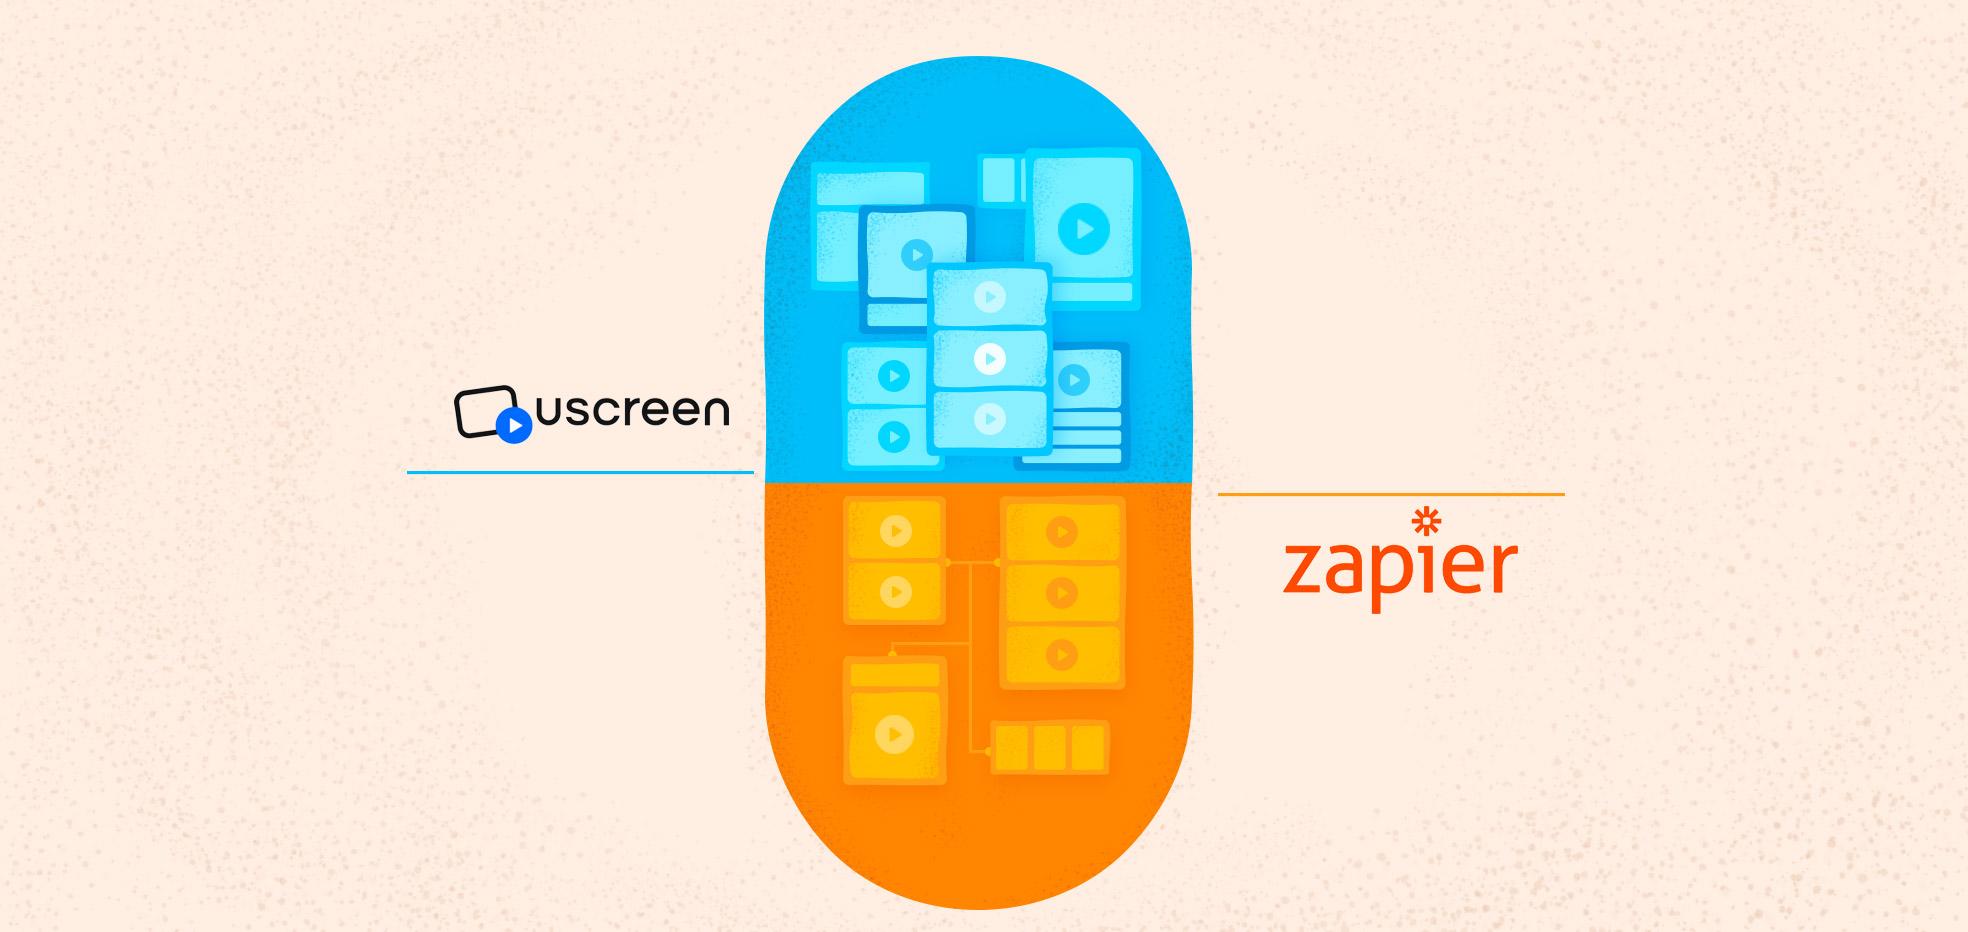 Uscreen Zapier Integration Announcement